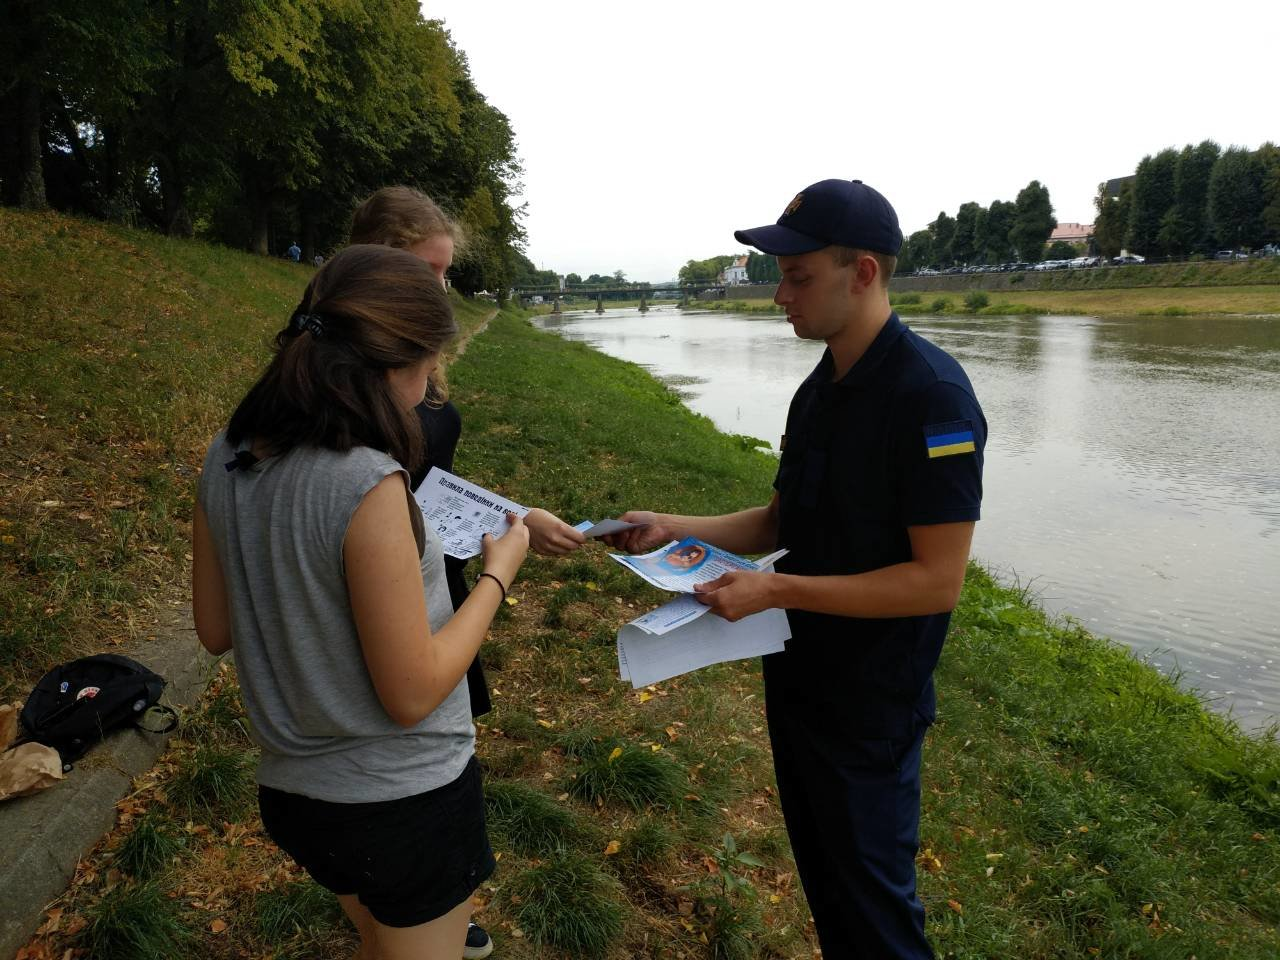 """Не """"вживайте"""" біля річки і не сидіть на сонці: рятувальники пішли до людей на Уж (ФОТО), фото-2"""